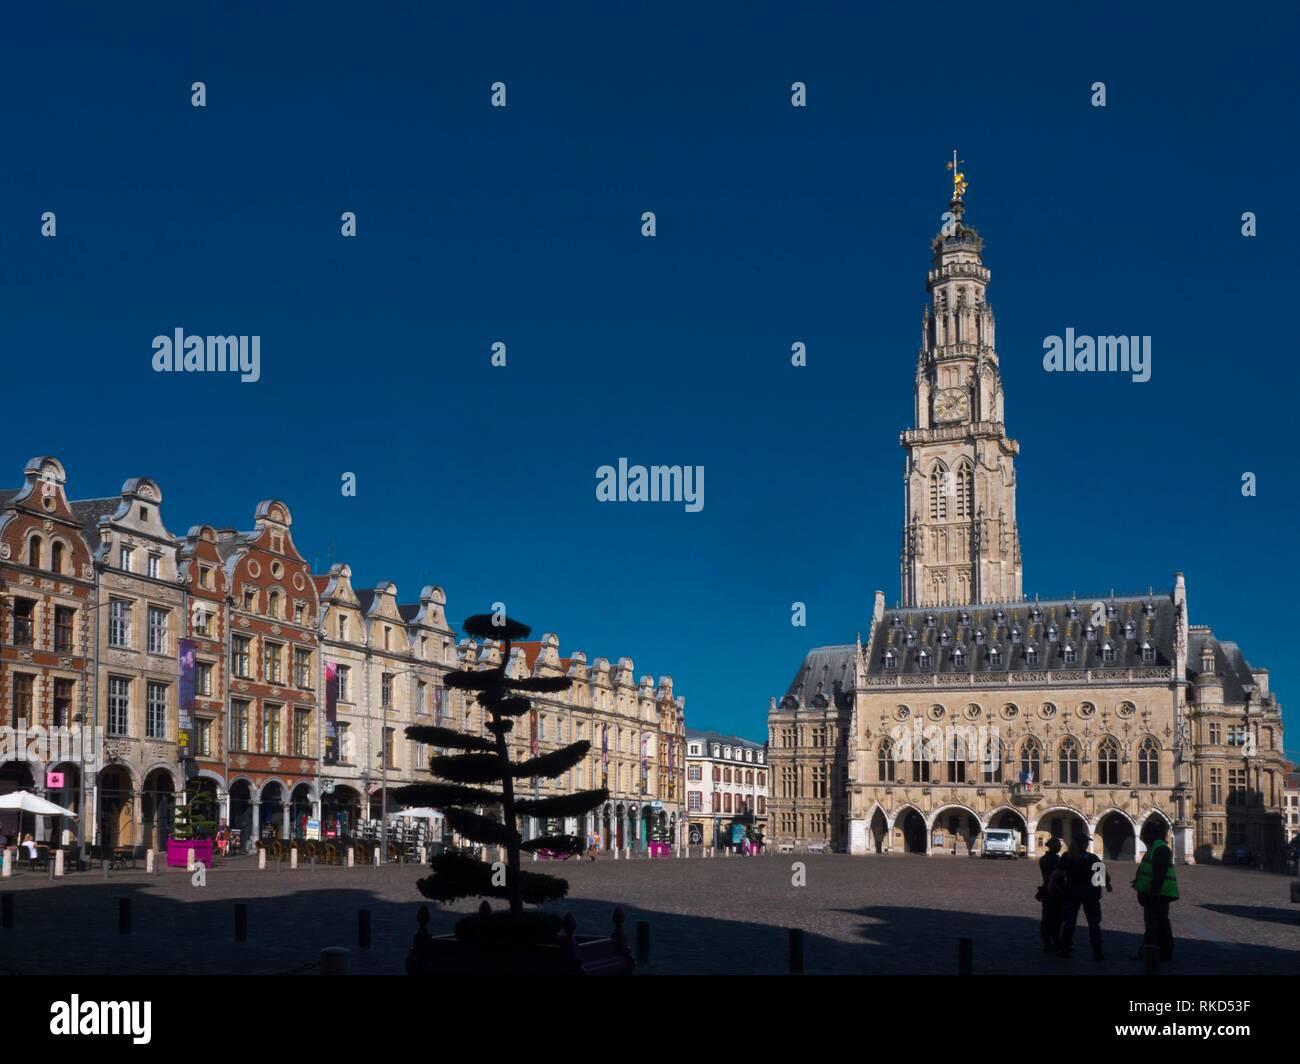 France, Hauts de France,Pas de Calais,Arras, on Place dess Heroes, the Town Hall and the Belfry. - Stock Image